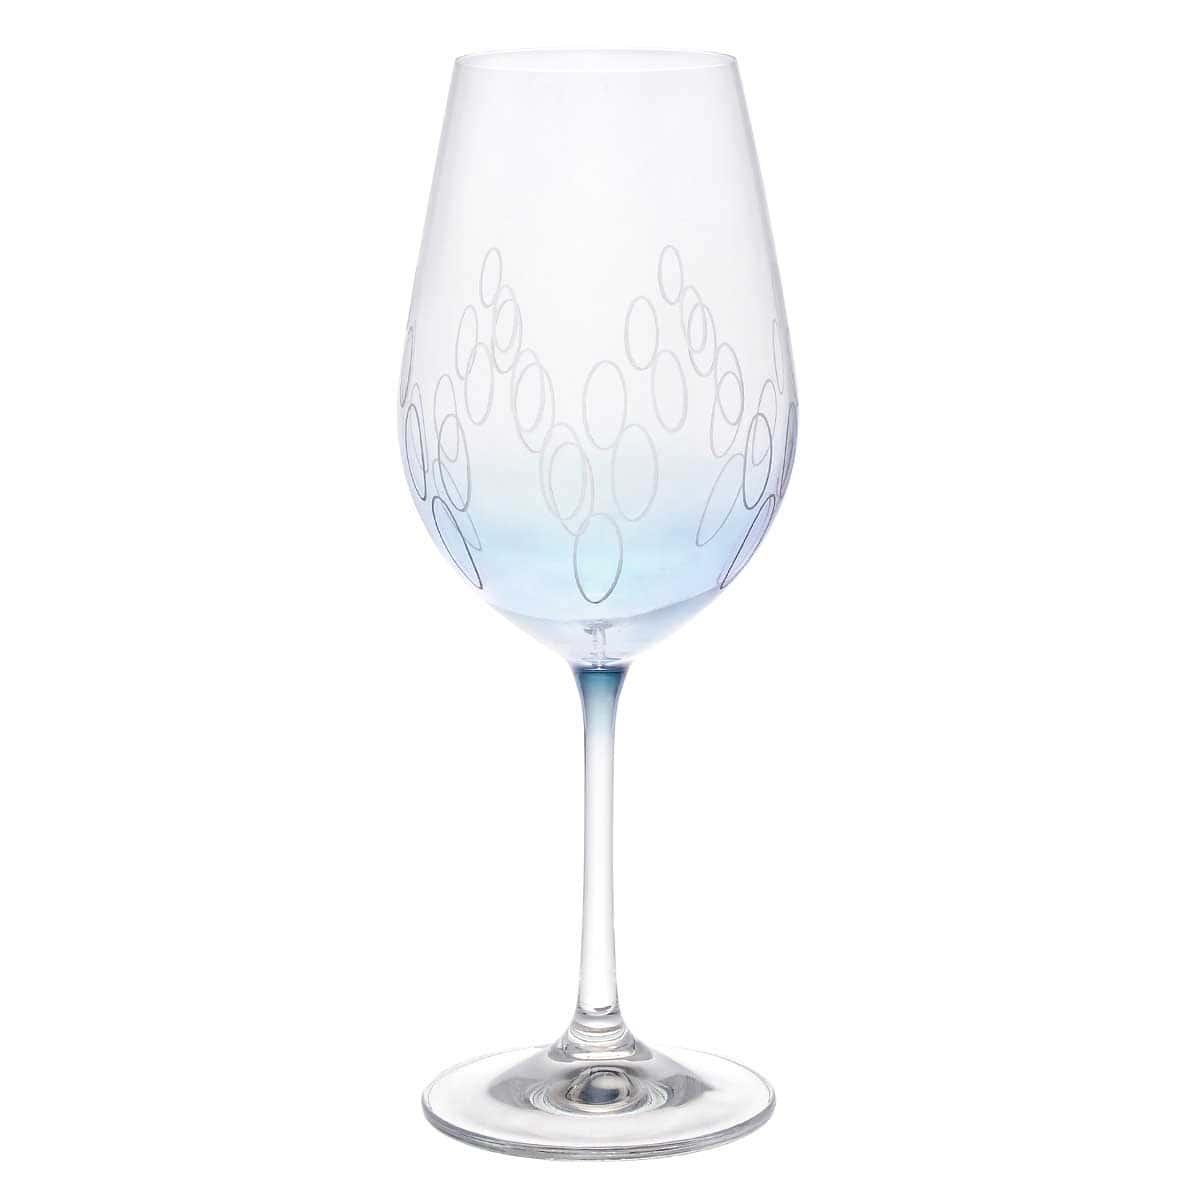 Набор бокалов для вина Арлекино Crystalex 570 мл (6 шт) голубые